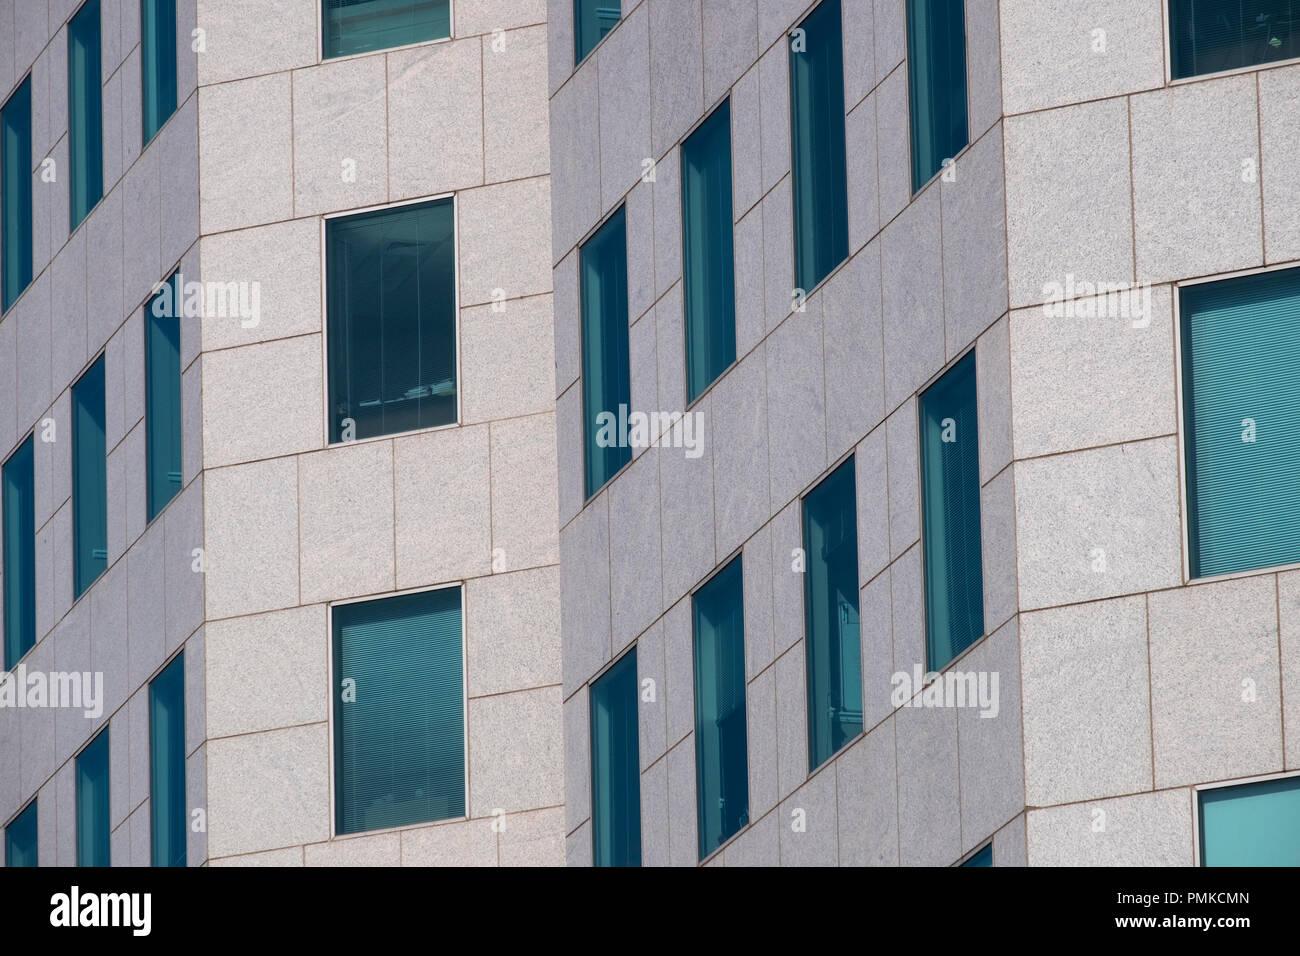 Architektur Detail in Wells Fargo Bürogebäude, Birmingham, Alabama Stockbild